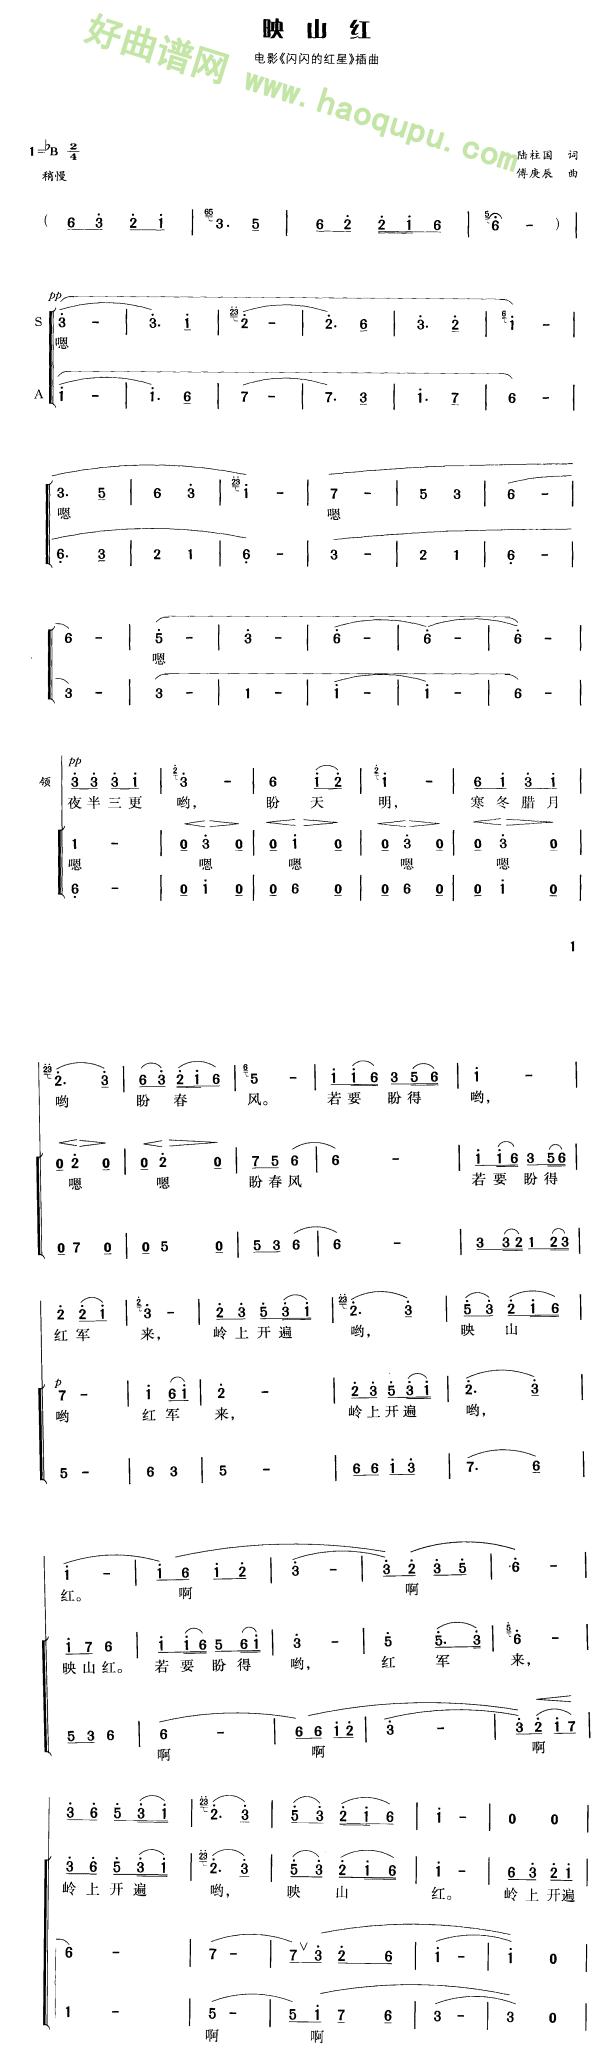 《映山红》(合唱) - 合唱谱